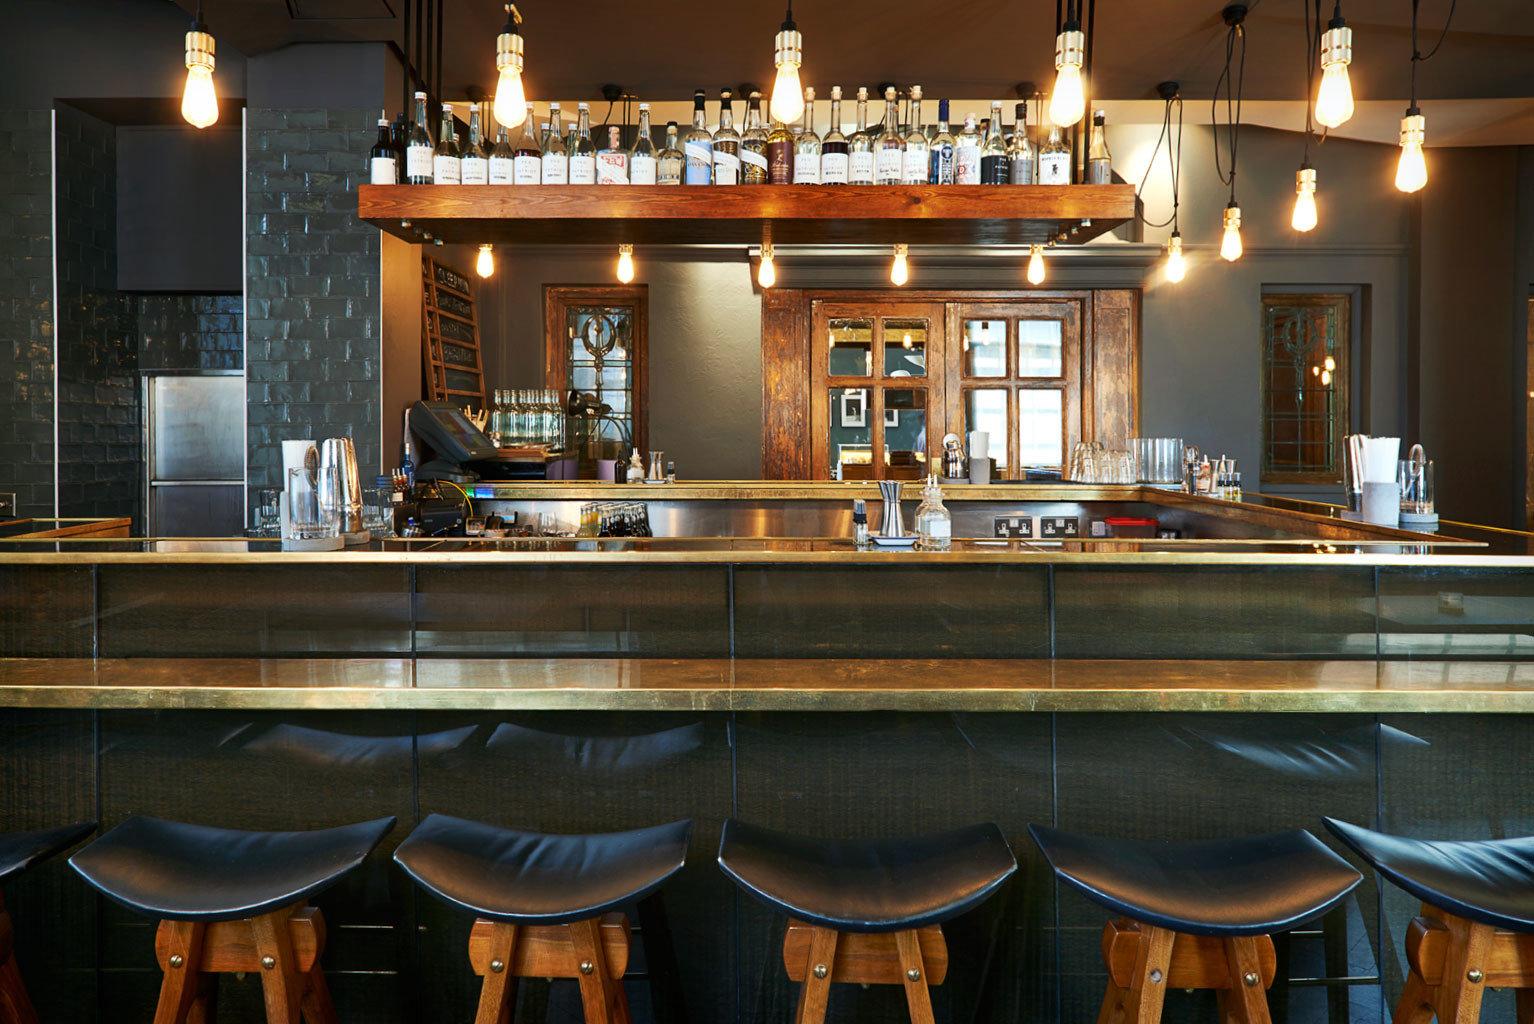 Bar Rustic chair restaurant